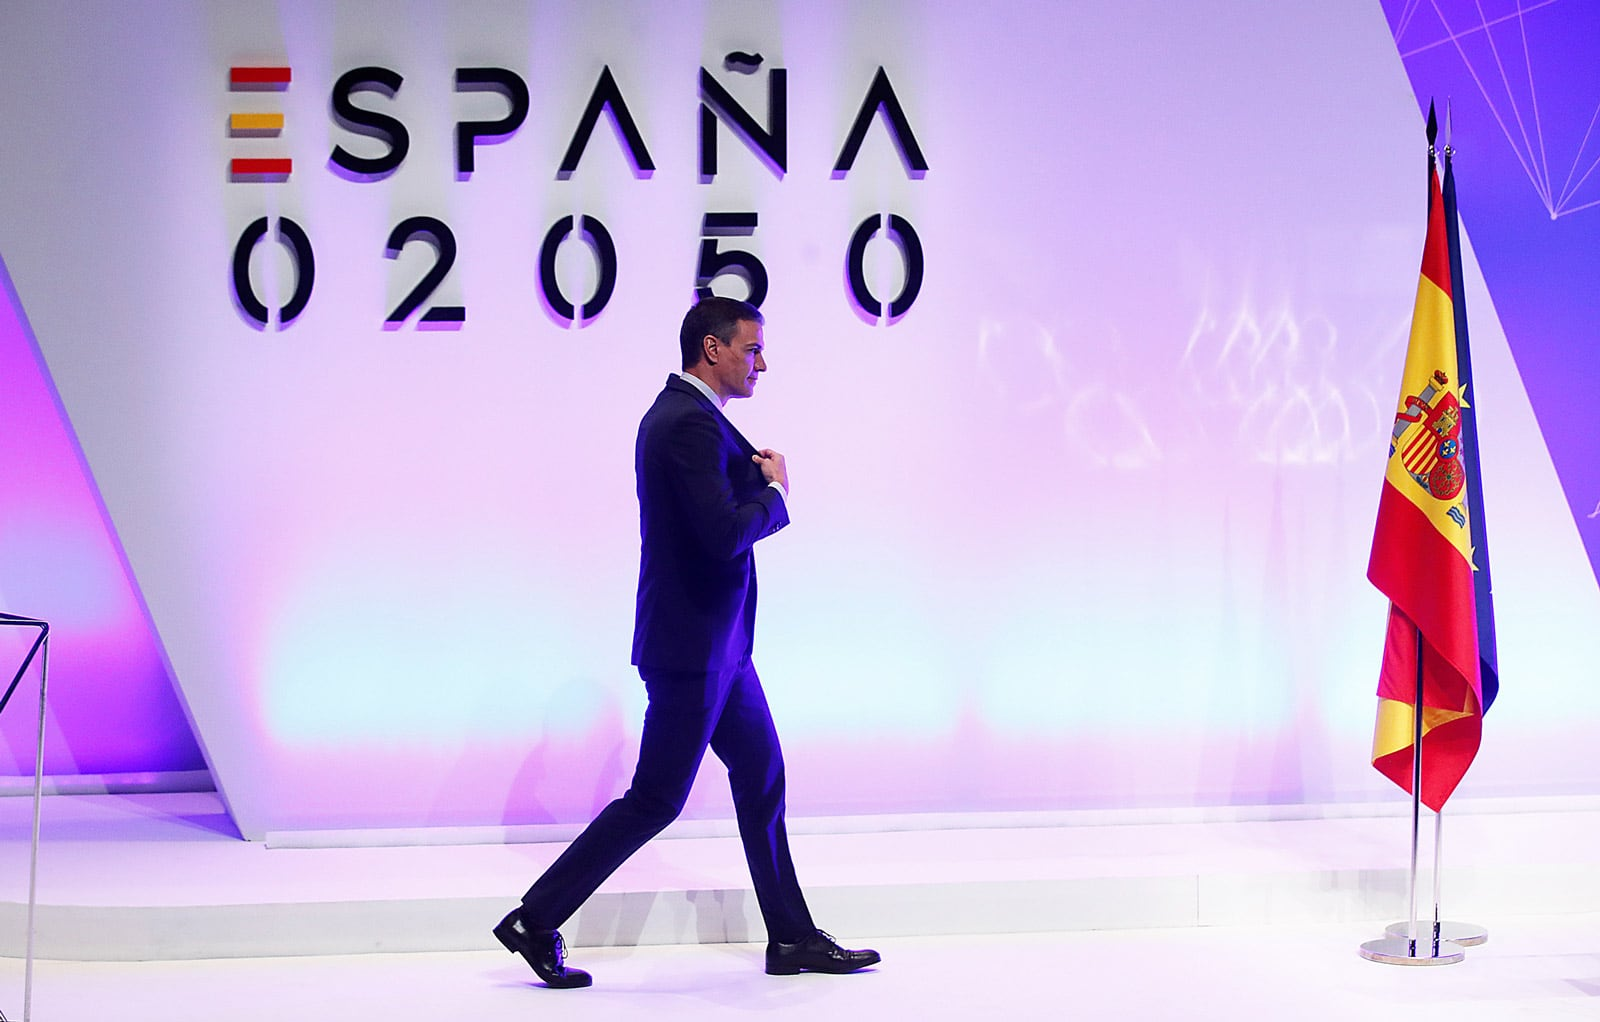 El president del govern Pedro Sánchez a la presentació del projecte España 2050 al Museu d'art Reina Sofía, el passat mes de maig. Fotografia de Juan Carlos Hidalgo. Efe.